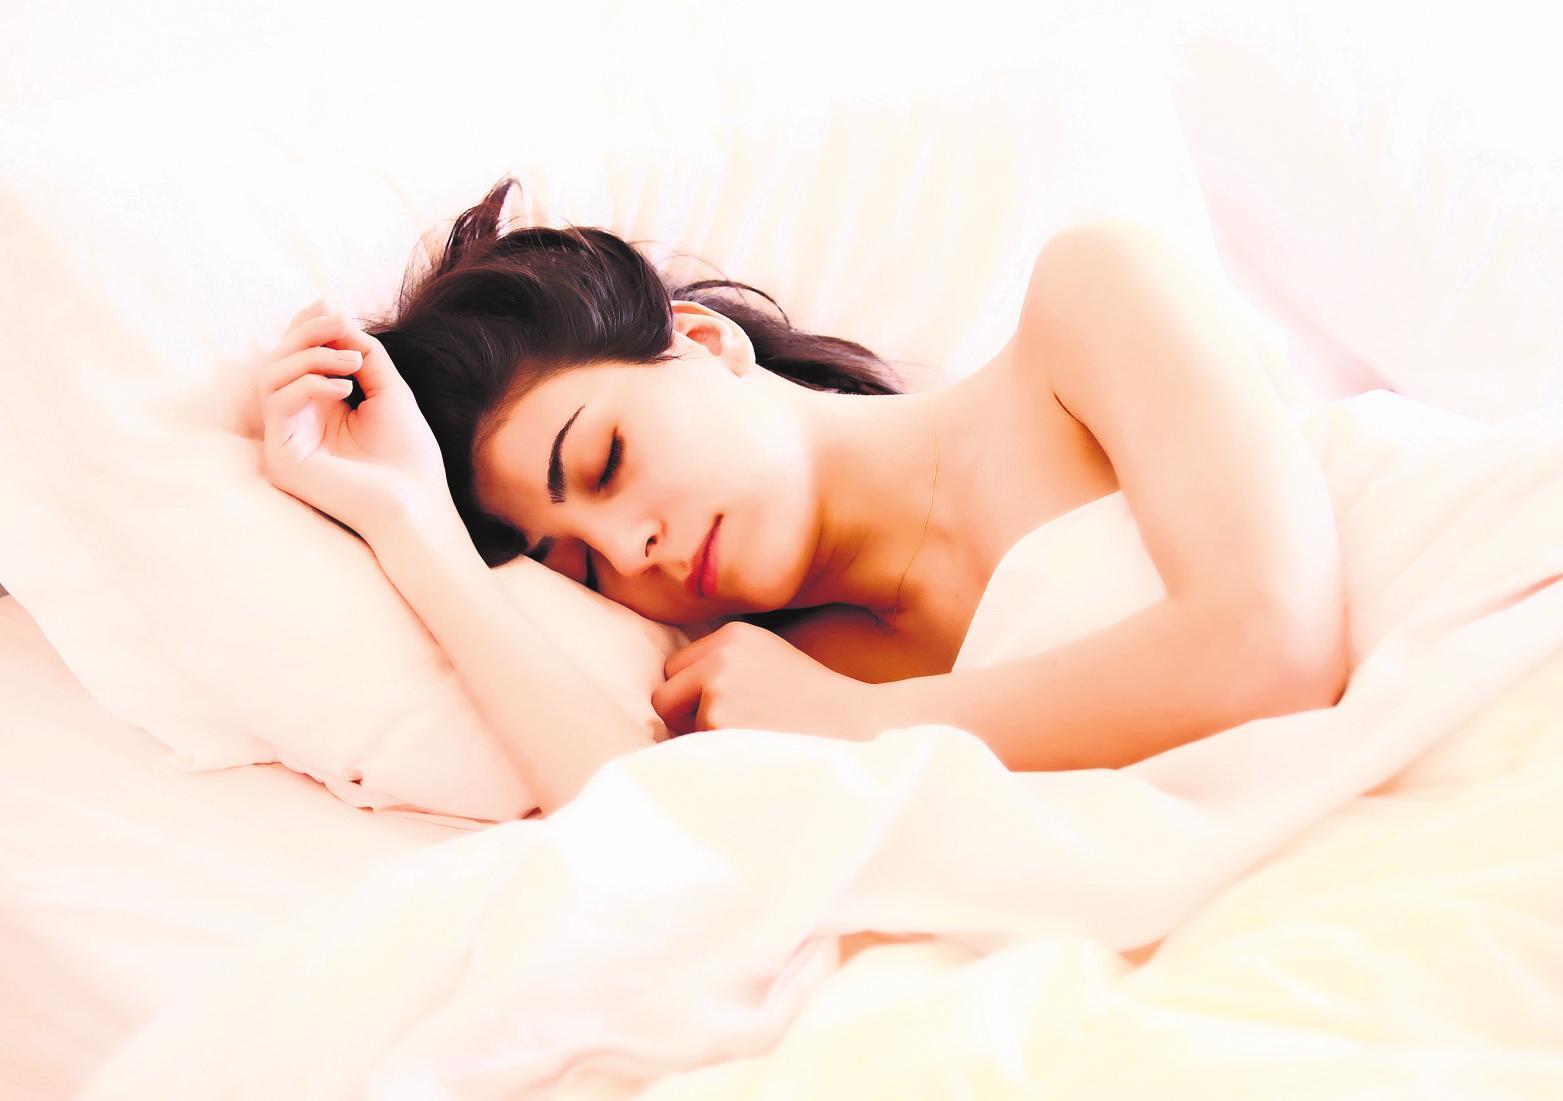 Erholsamer Schlaf verbessert die Lebensqualität deutlich. Fotos: pixabay